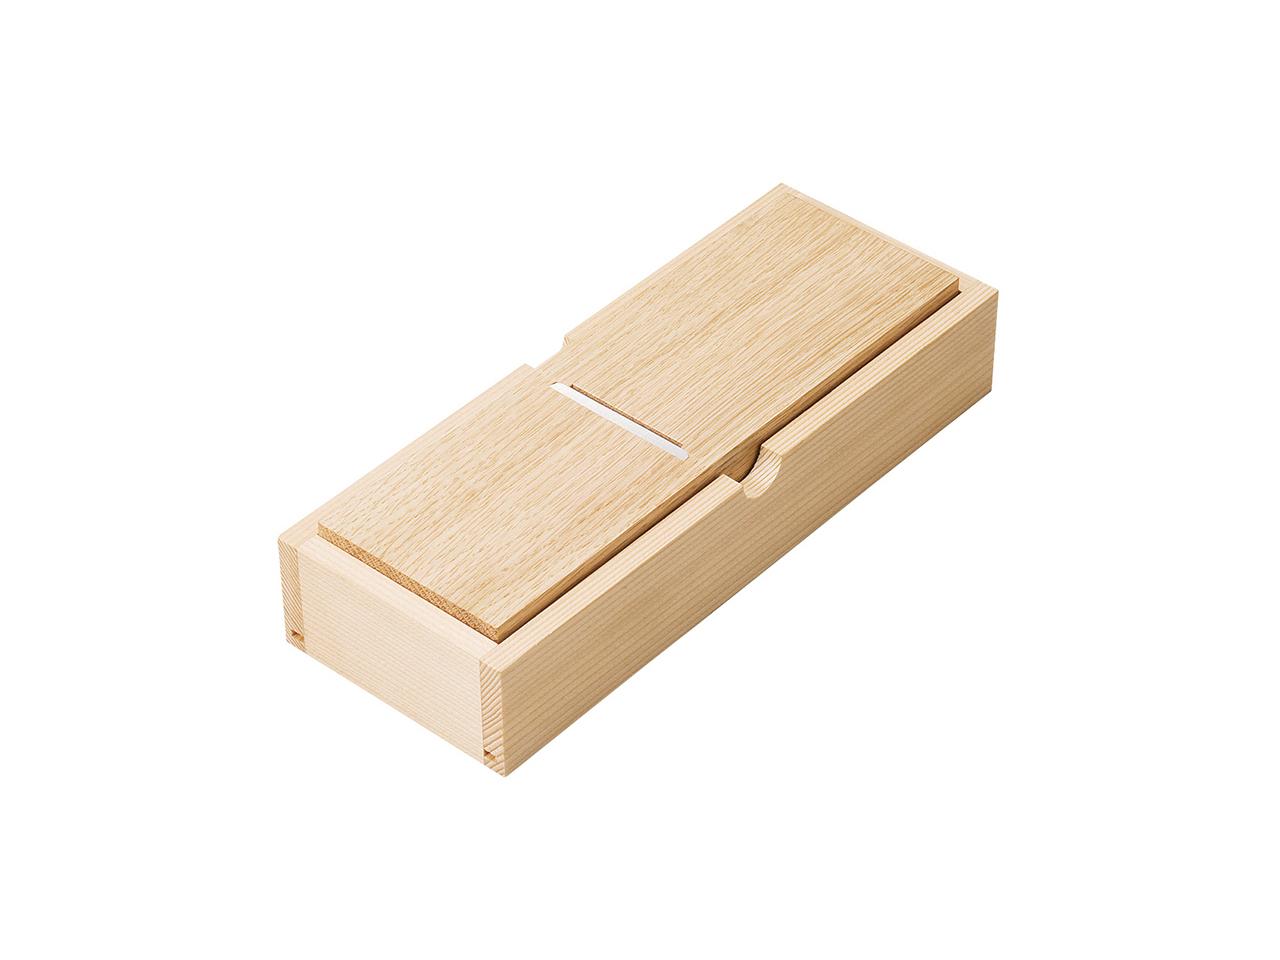 鰹節削り器 「薄型ミニ鰹箱(蓋なし)」 すべり止めシール付(shop限定セット)